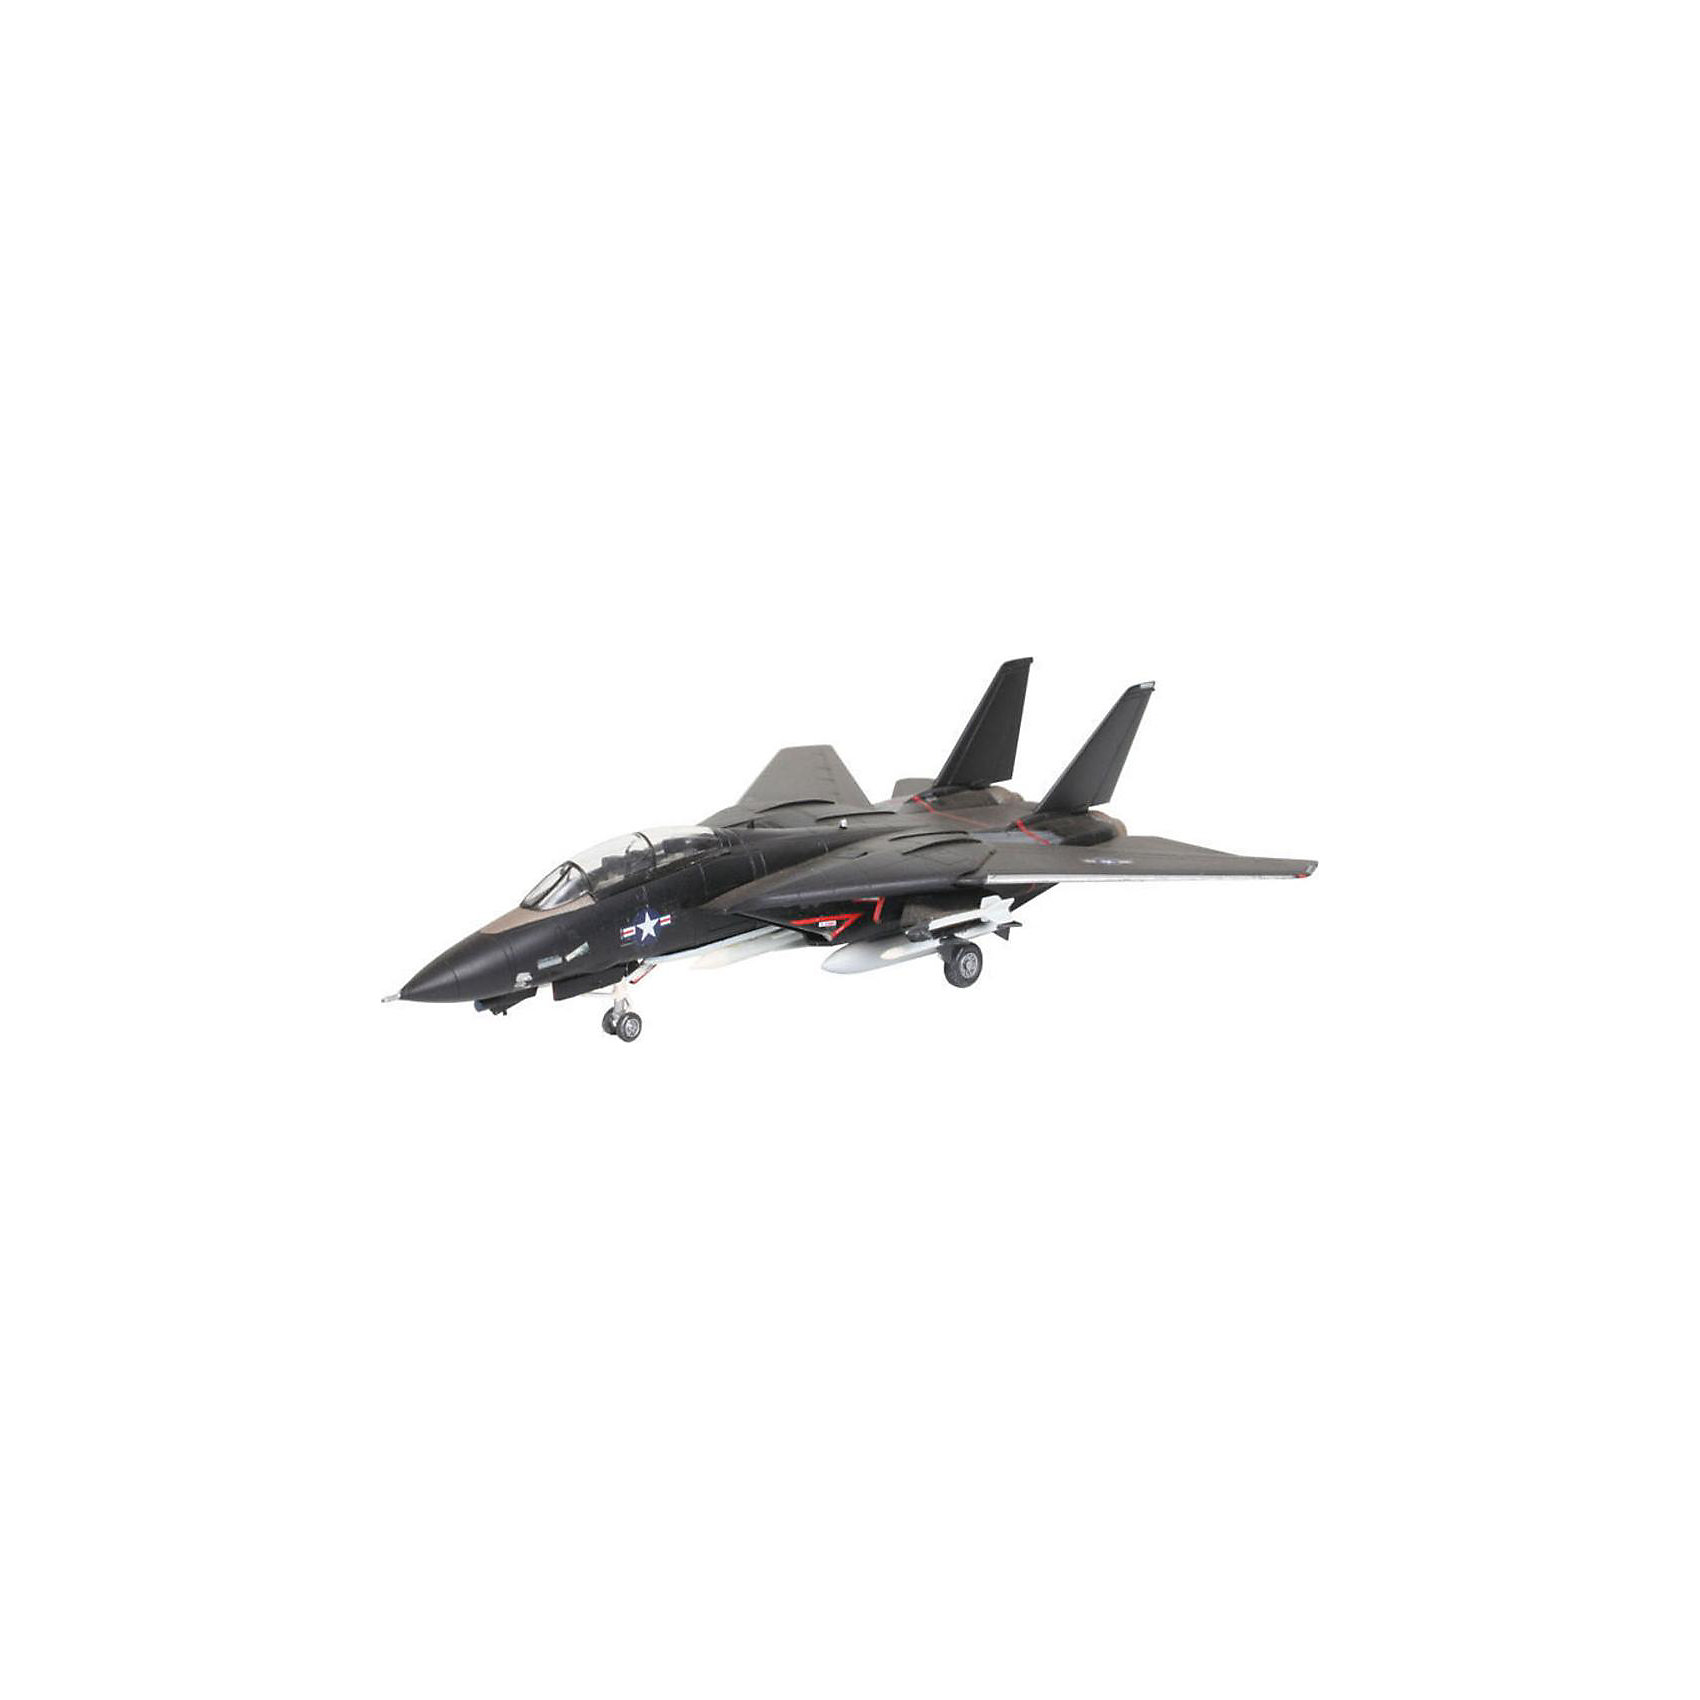 Набор Самолет F-14A Tomcat Black BunnyМодели для склеивания<br>F-14A Tomcat - американский двухместный реактивный истребитель-перехватчик четвёртого поколения. Самолет был разработан в 1970-х для замены истребителя F-4. Модификация F-14A является двухместным всепогодным истребителем-перехватчиком. Кроме того в состав вооружения были добавлены высокоточные боеприпасы. Всего на вооружение ВМС США было поставлено 545 таких самолётов. С 2006 года F-14 снят с вооружения. <br>Масштаб: 1:144 <br>Количество деталей: 49 <br>Длина модели: 134 мм <br>Размах крыльев: 130 мм <br>Подойдет для детей старше 10-и лет <br>В набор входят краски, клей и кисточки.<br><br>Ширина мм: 270<br>Глубина мм: 230<br>Высота мм: 33<br>Вес г: 230<br>Возраст от месяцев: 84<br>Возраст до месяцев: 1188<br>Пол: Мужской<br>Возраст: Детский<br>SKU: 1773030